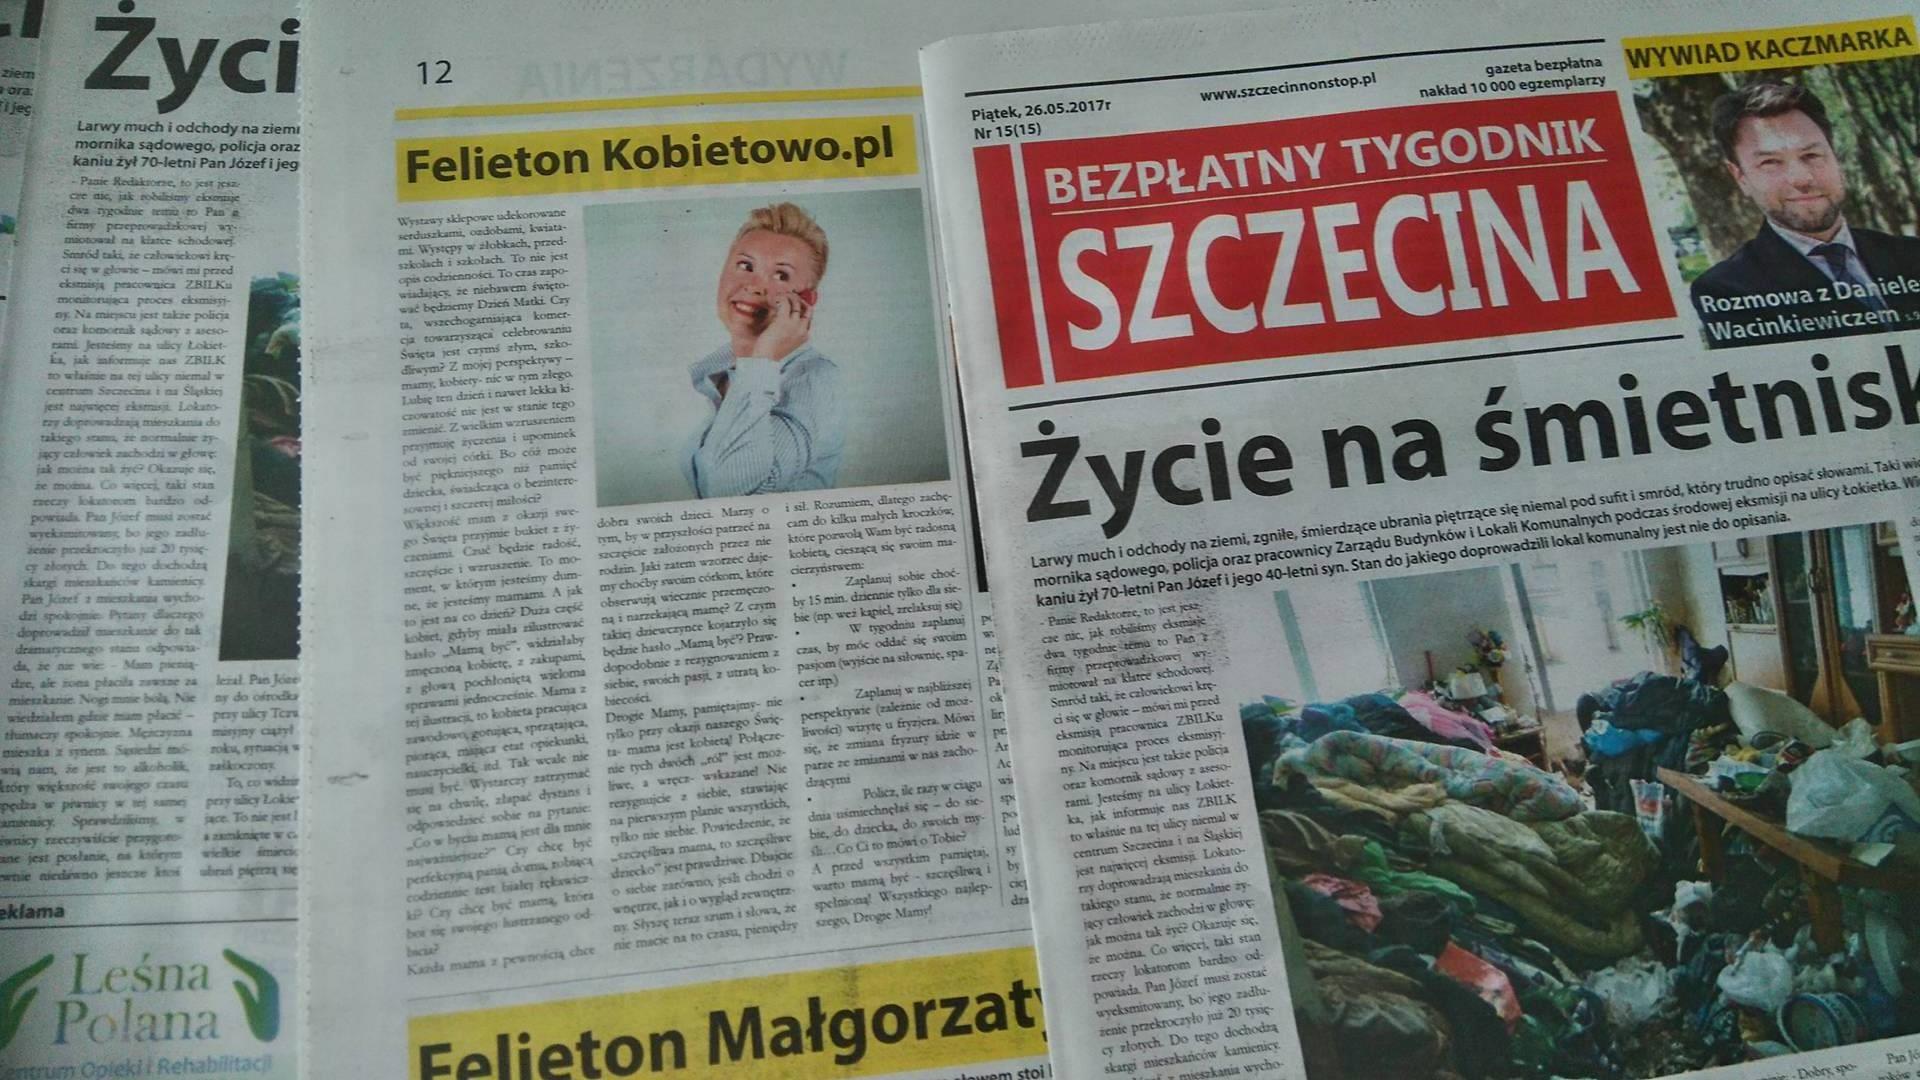 """""""Mamą być"""" Bezpłatny Tygodnik Szczecina. Felieton Kobietowo.pl cz.IV"""